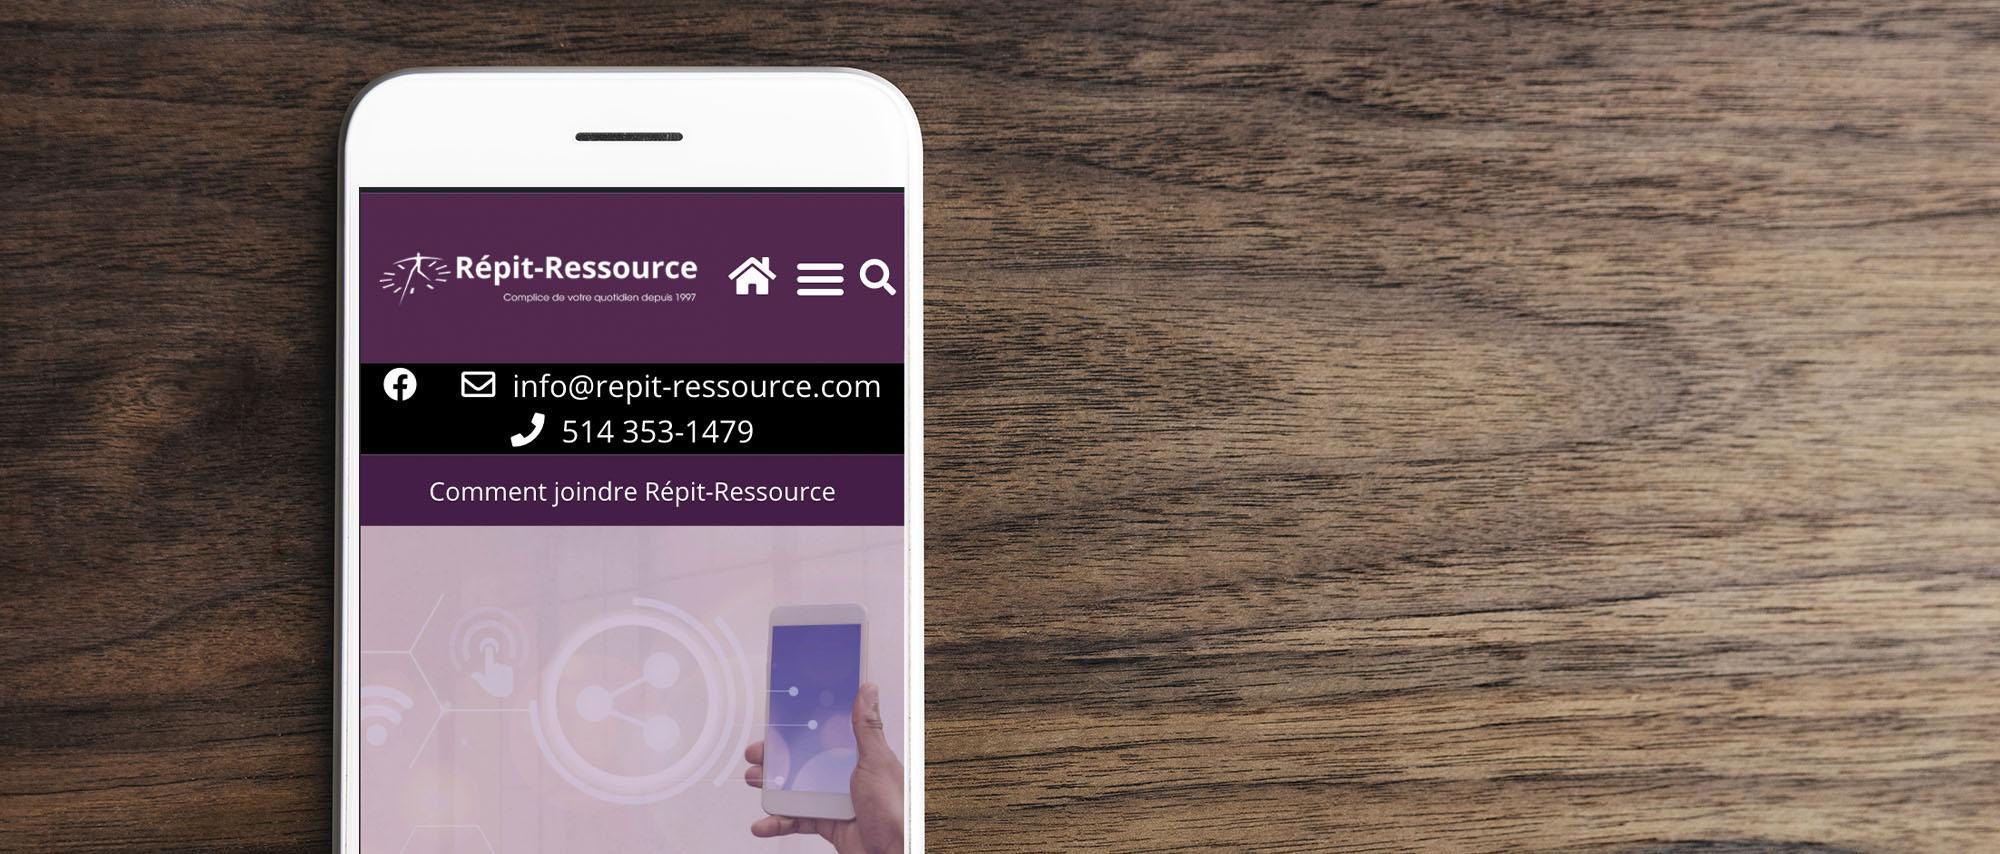 Contactez Répit-Ressource